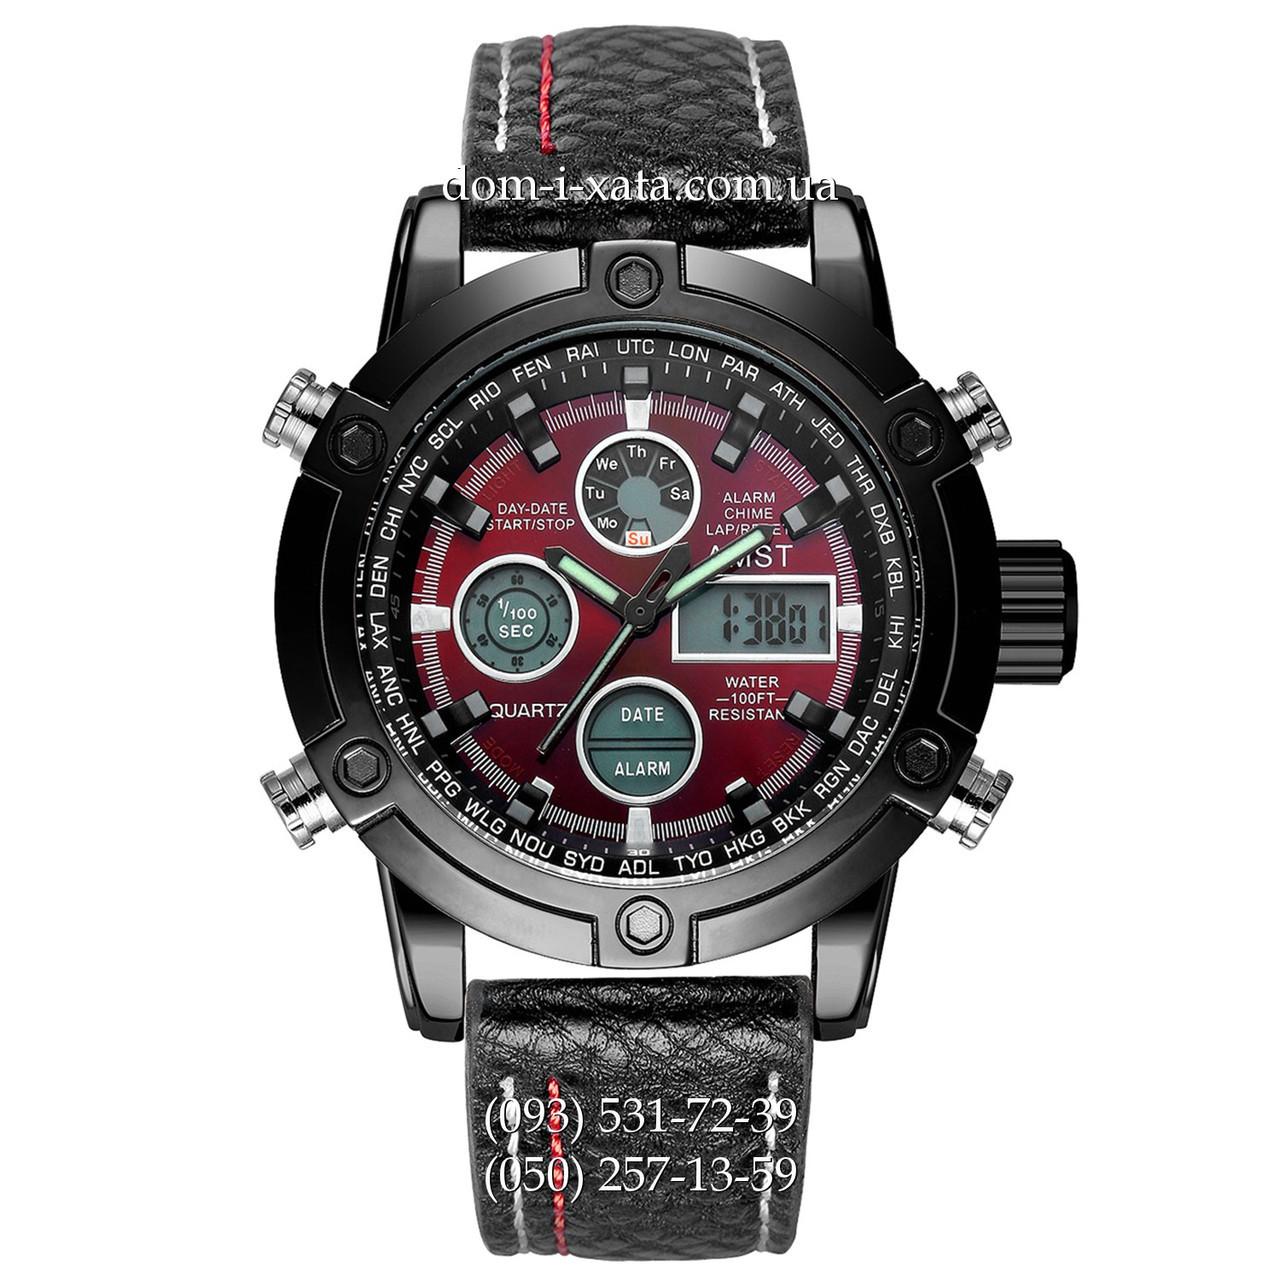 Армейские часы AMST 3022 Black-Red Fluted Wristband, кварцевые, противоударные, армейские часы АМСТ черный, реплика отличное качество!